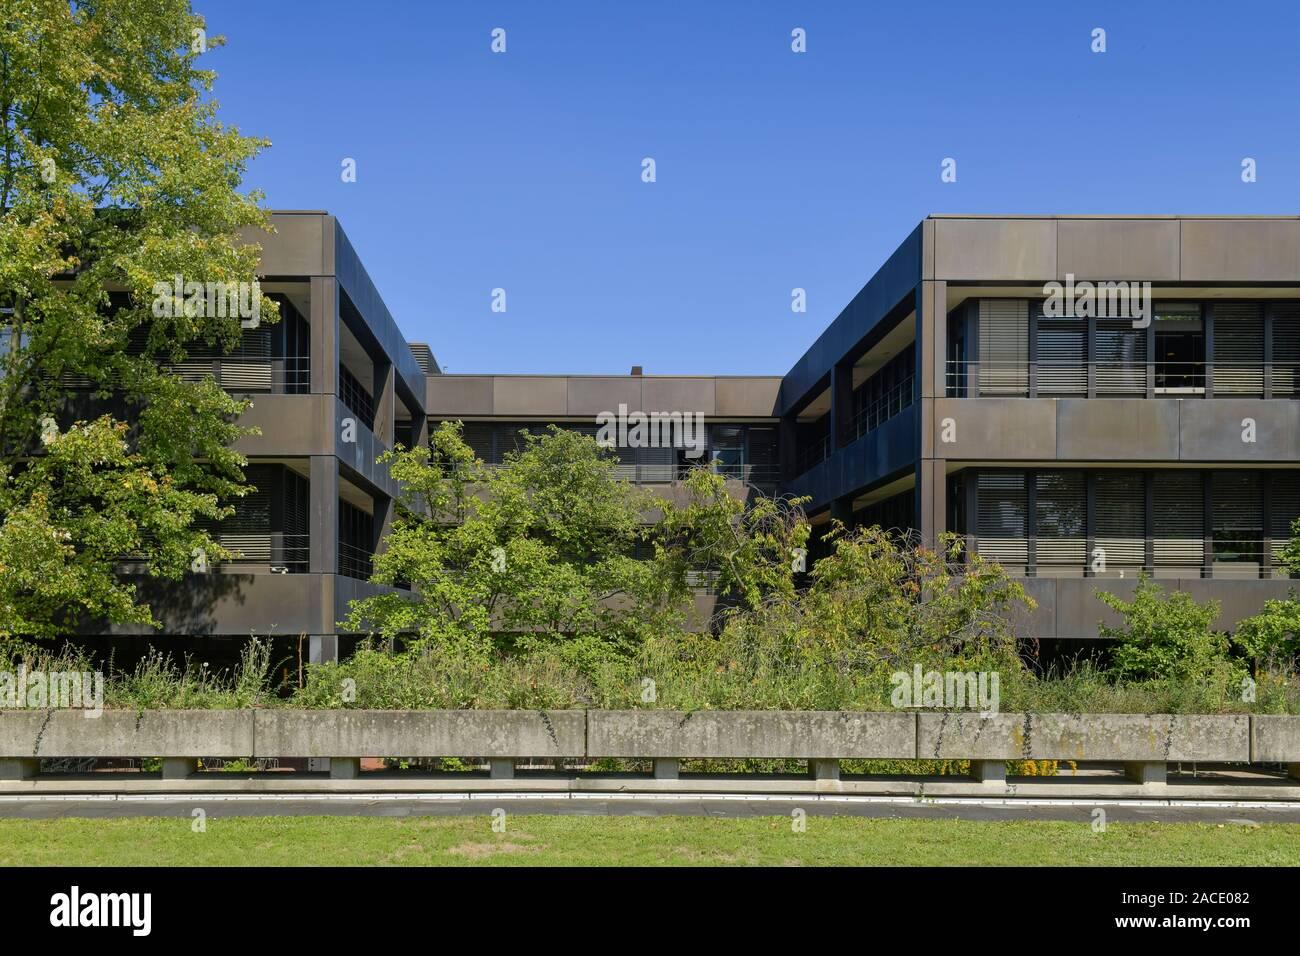 Bundesministerium für wirtschaftliche Zusammenarbeit und Entwicklung, ehemaliges Bundeskanzleramt, Stresemannstraße, Bonn, Nordrhein-Westfalen, Deutsc Stock Photo